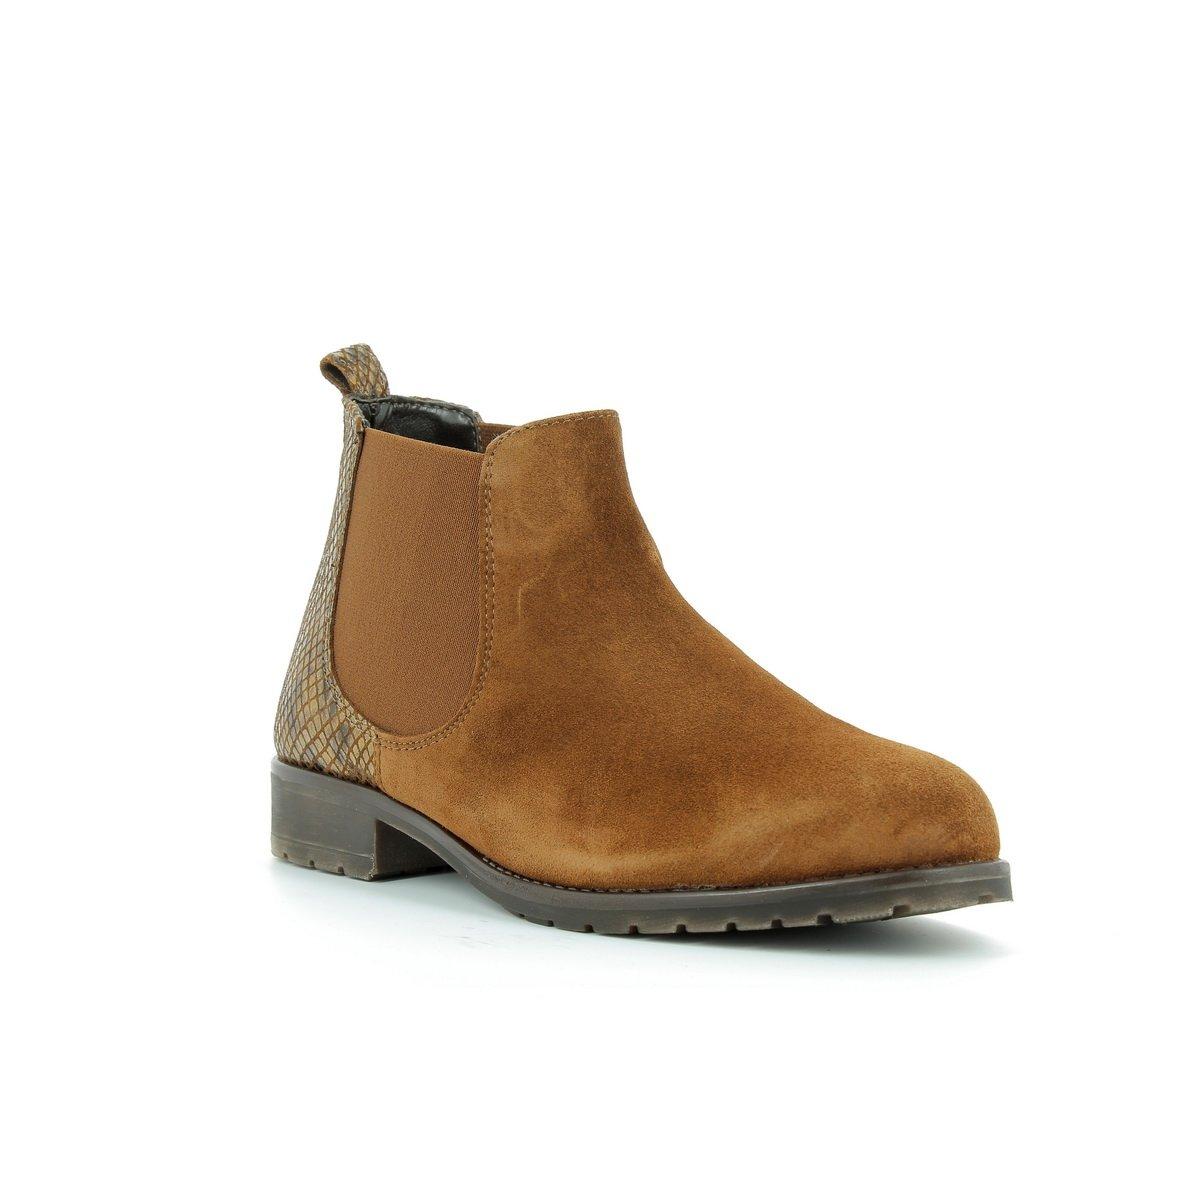 MARCO TOZZI - Bottines 16810 Boots en cuir femmes MARCO comb TOZZI - 25034-27 - Bottes/ Bottines - 36 au 41 Cognac comb eff726d - tbfe.space